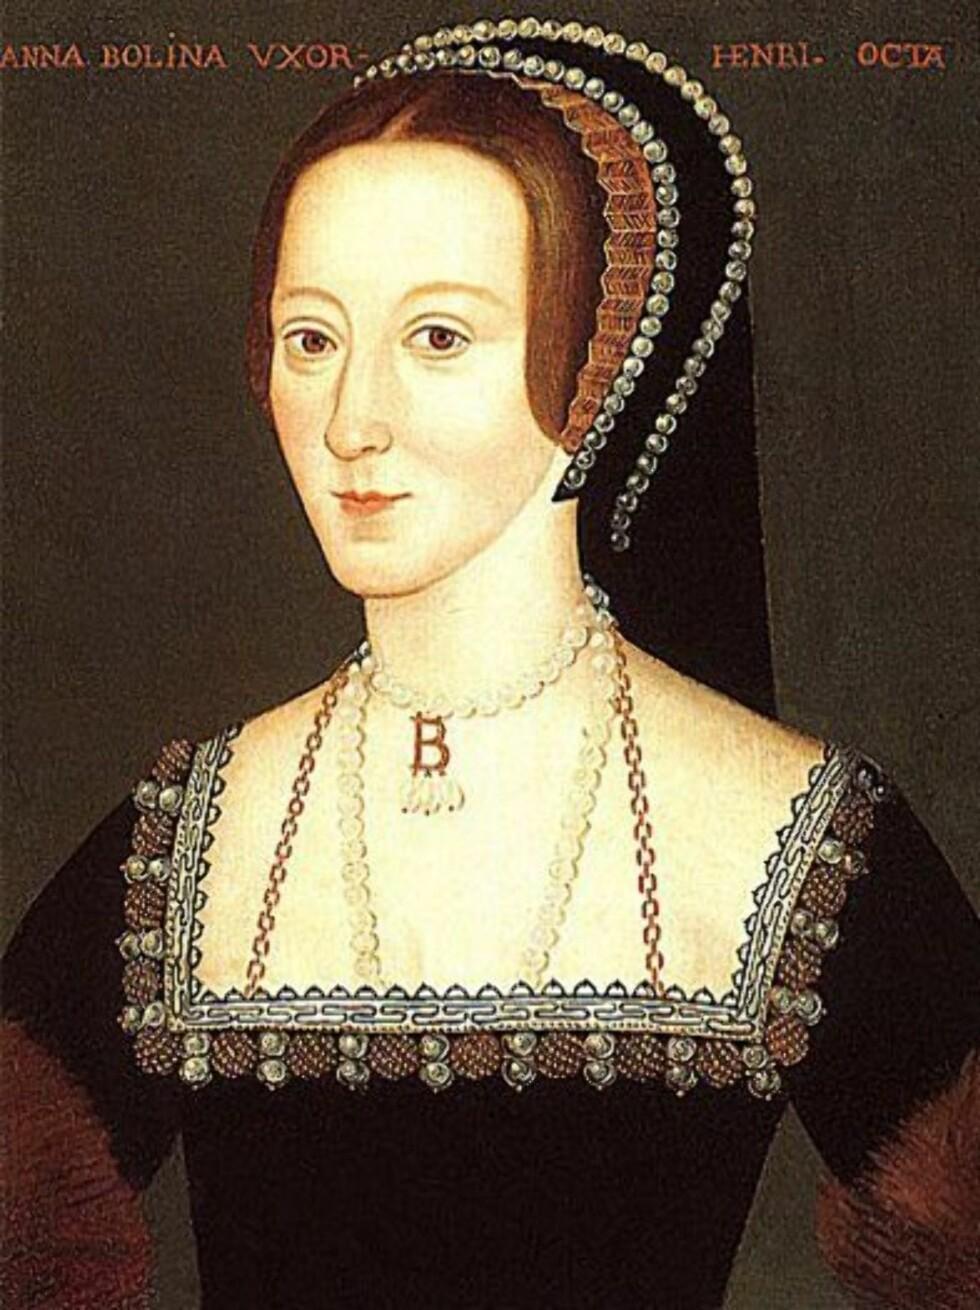 1. Anne BoleynAnne Boleyn og brystene hennes var kun gift med kong Henry VIII i tre år. I 1536 kappet han nemlig hodet av henne fordi hun ikke var i stand til å gi ham en mannlig arving. Hun ble i også anklaget for å ha vært utro med sin egen bror.I tillegg skulle onde tunger også ha det til at dronninga hadde en sjette finger, struma og en rekke føflekker. Ekteskapet støtte dermed på mer og mer motstand, siden man trodde at enhver form for ufullkommenhet gjenspeilet feil i karakter eller at vedkommende var «blitt berørt av Den onde».Senere ble ryktet om rare føflekker omgjort til sladder om at Boleyn hadde en tredje brystvorte. Selv om det er uvanlig, er ikke en ekstra brystvorte direkte sjeldent, da det forekommer hos cirka 1 av 18. De fleste historikere mener imidlertid at legenden ikke stemmer, og tviler på at kong Henry VIII ville vært tiltrukket av Anne dersom hun var i besittelse av alle de påståtte fysiske skavankene, inkludert en brystvorte nr. 3.  Foto: Wikipedia